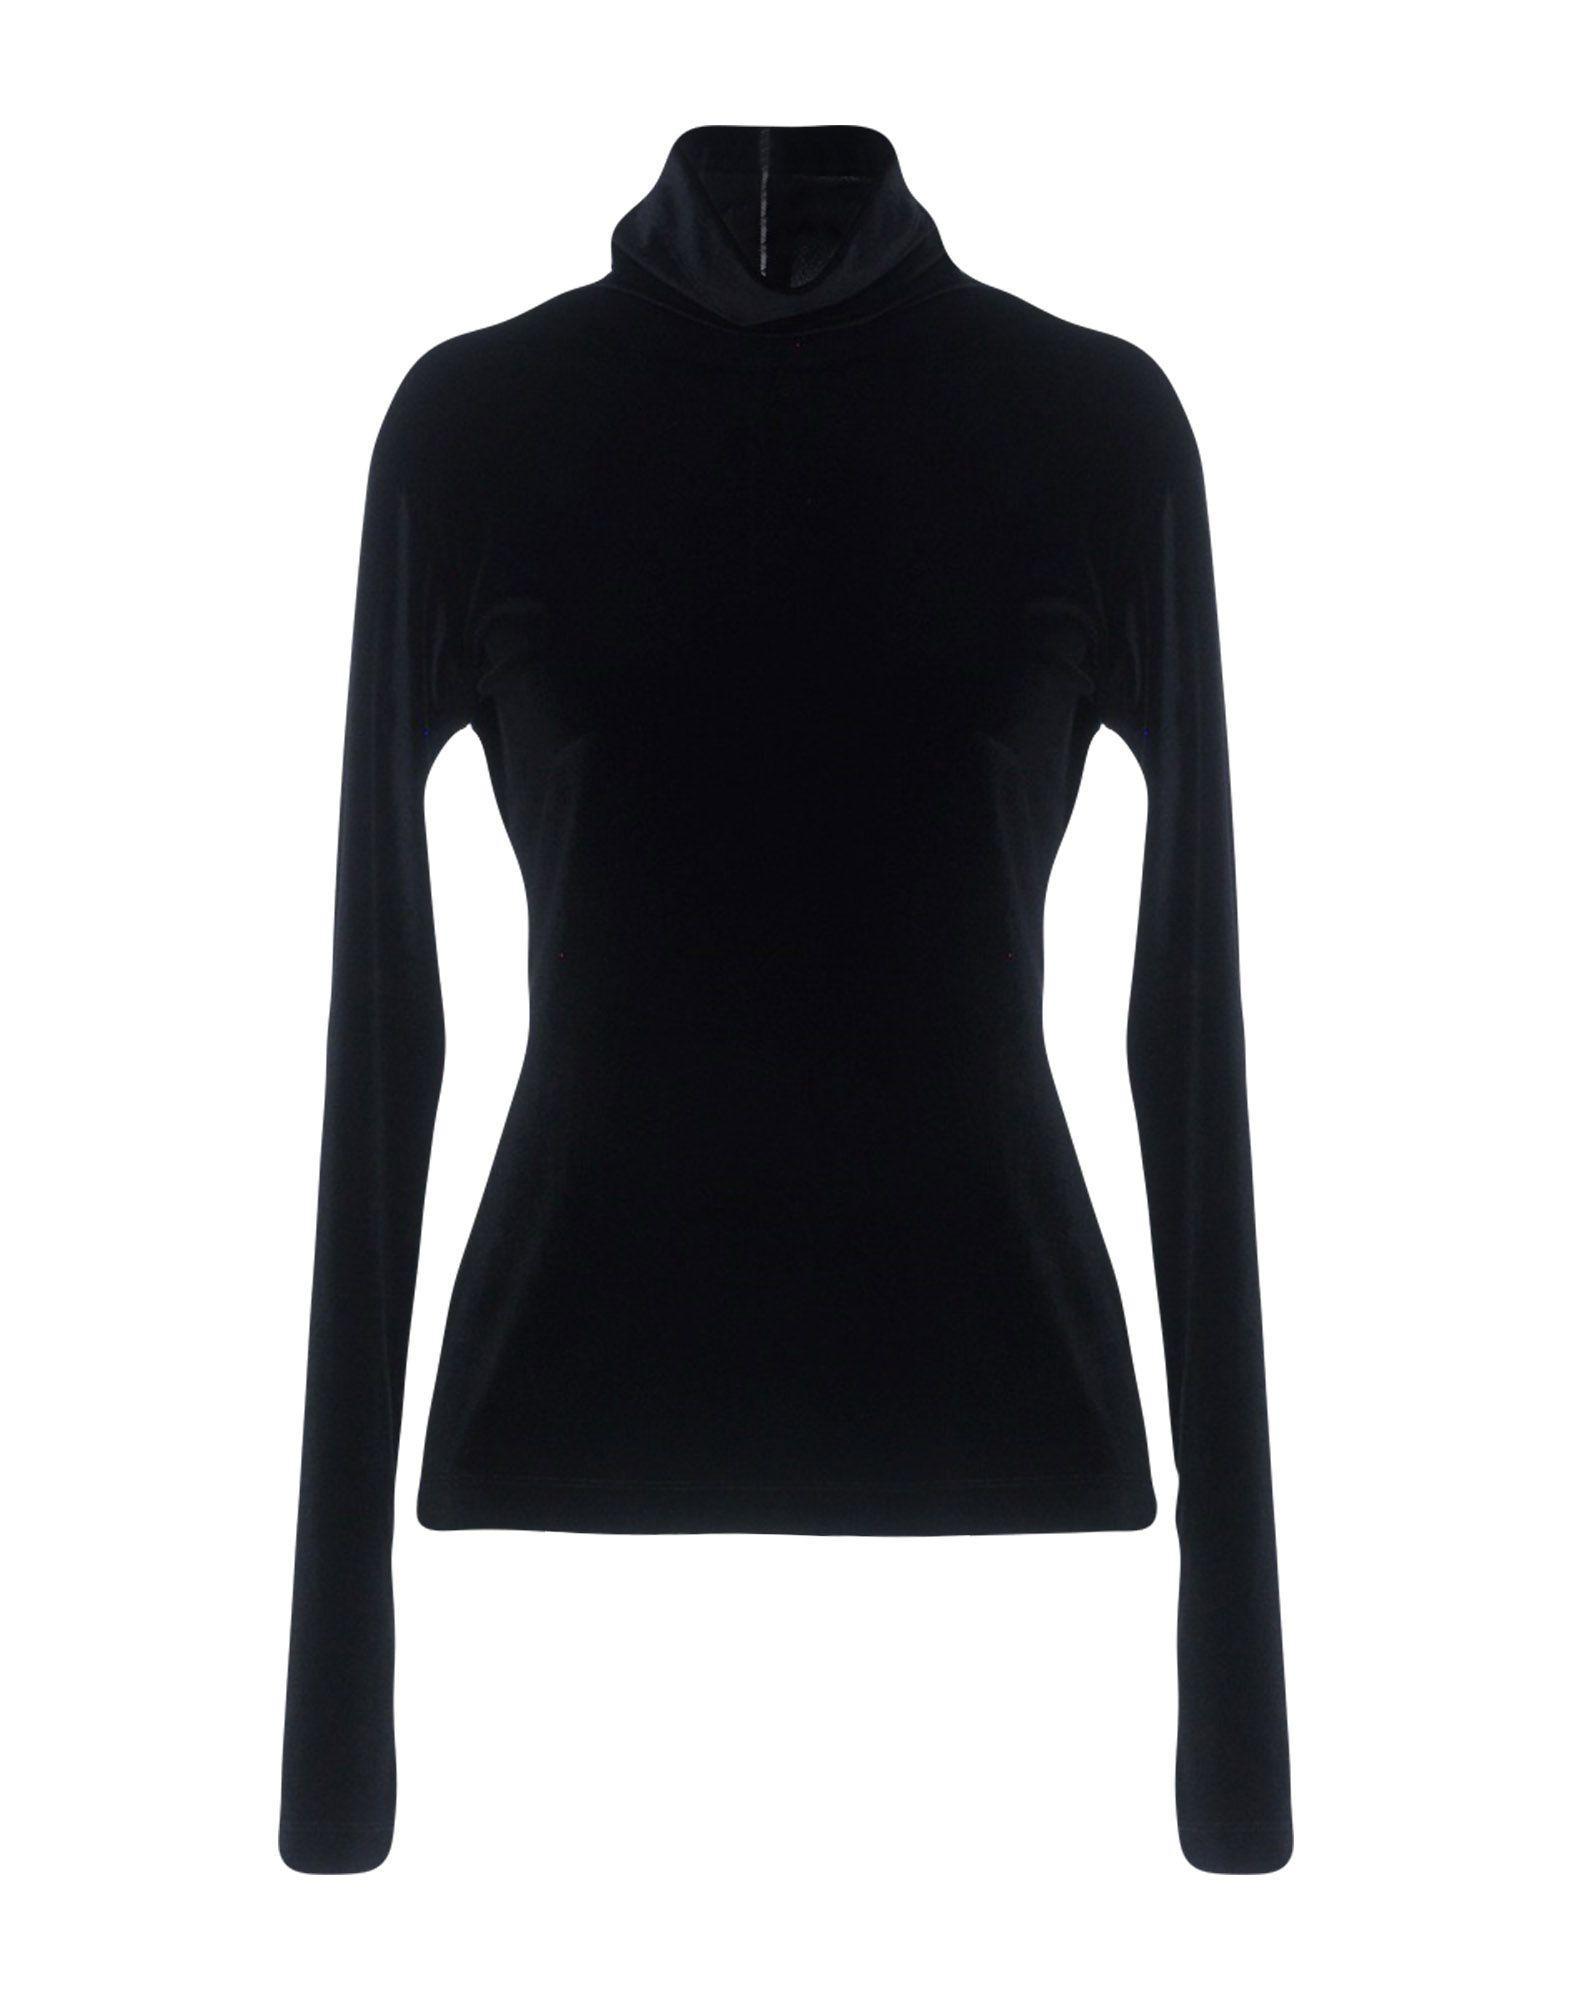 Antonio Marras T-shirts In Black